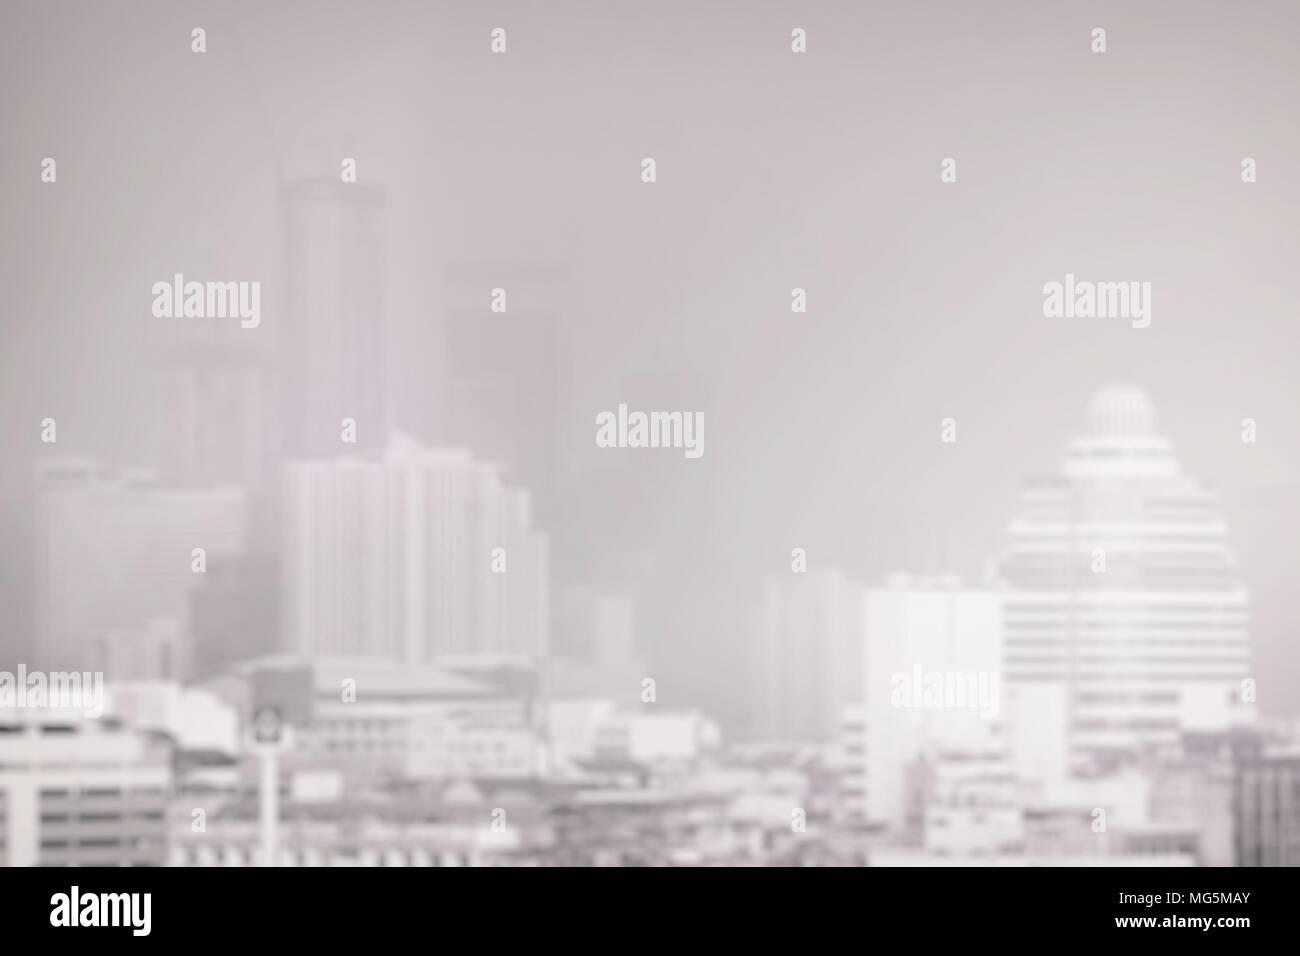 Sfumata In Bianco E Nero Cityscape Sfondo Foto Immagine Stock